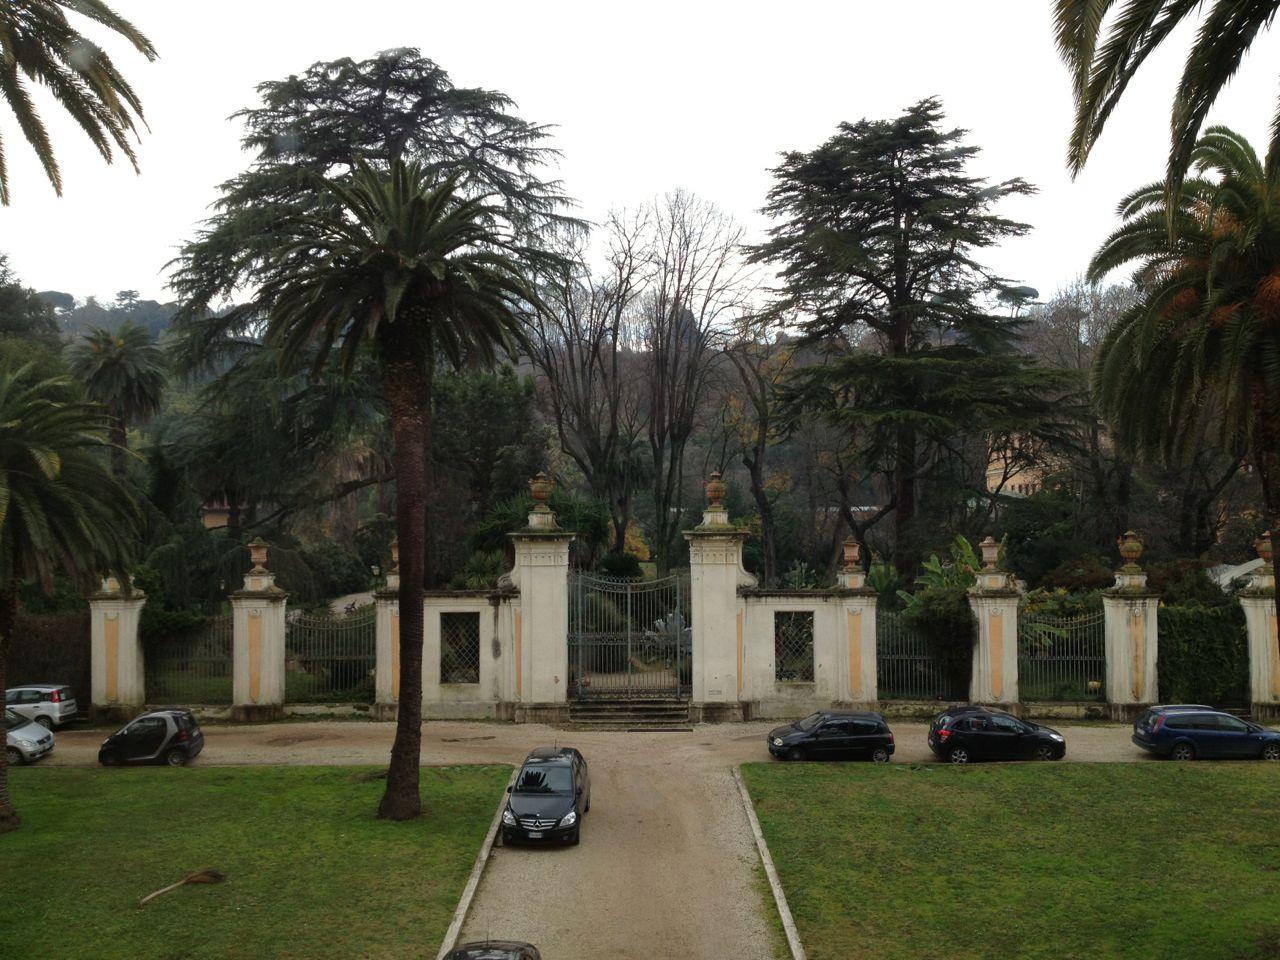 Italy day il giardino romano rome south jersey foodie